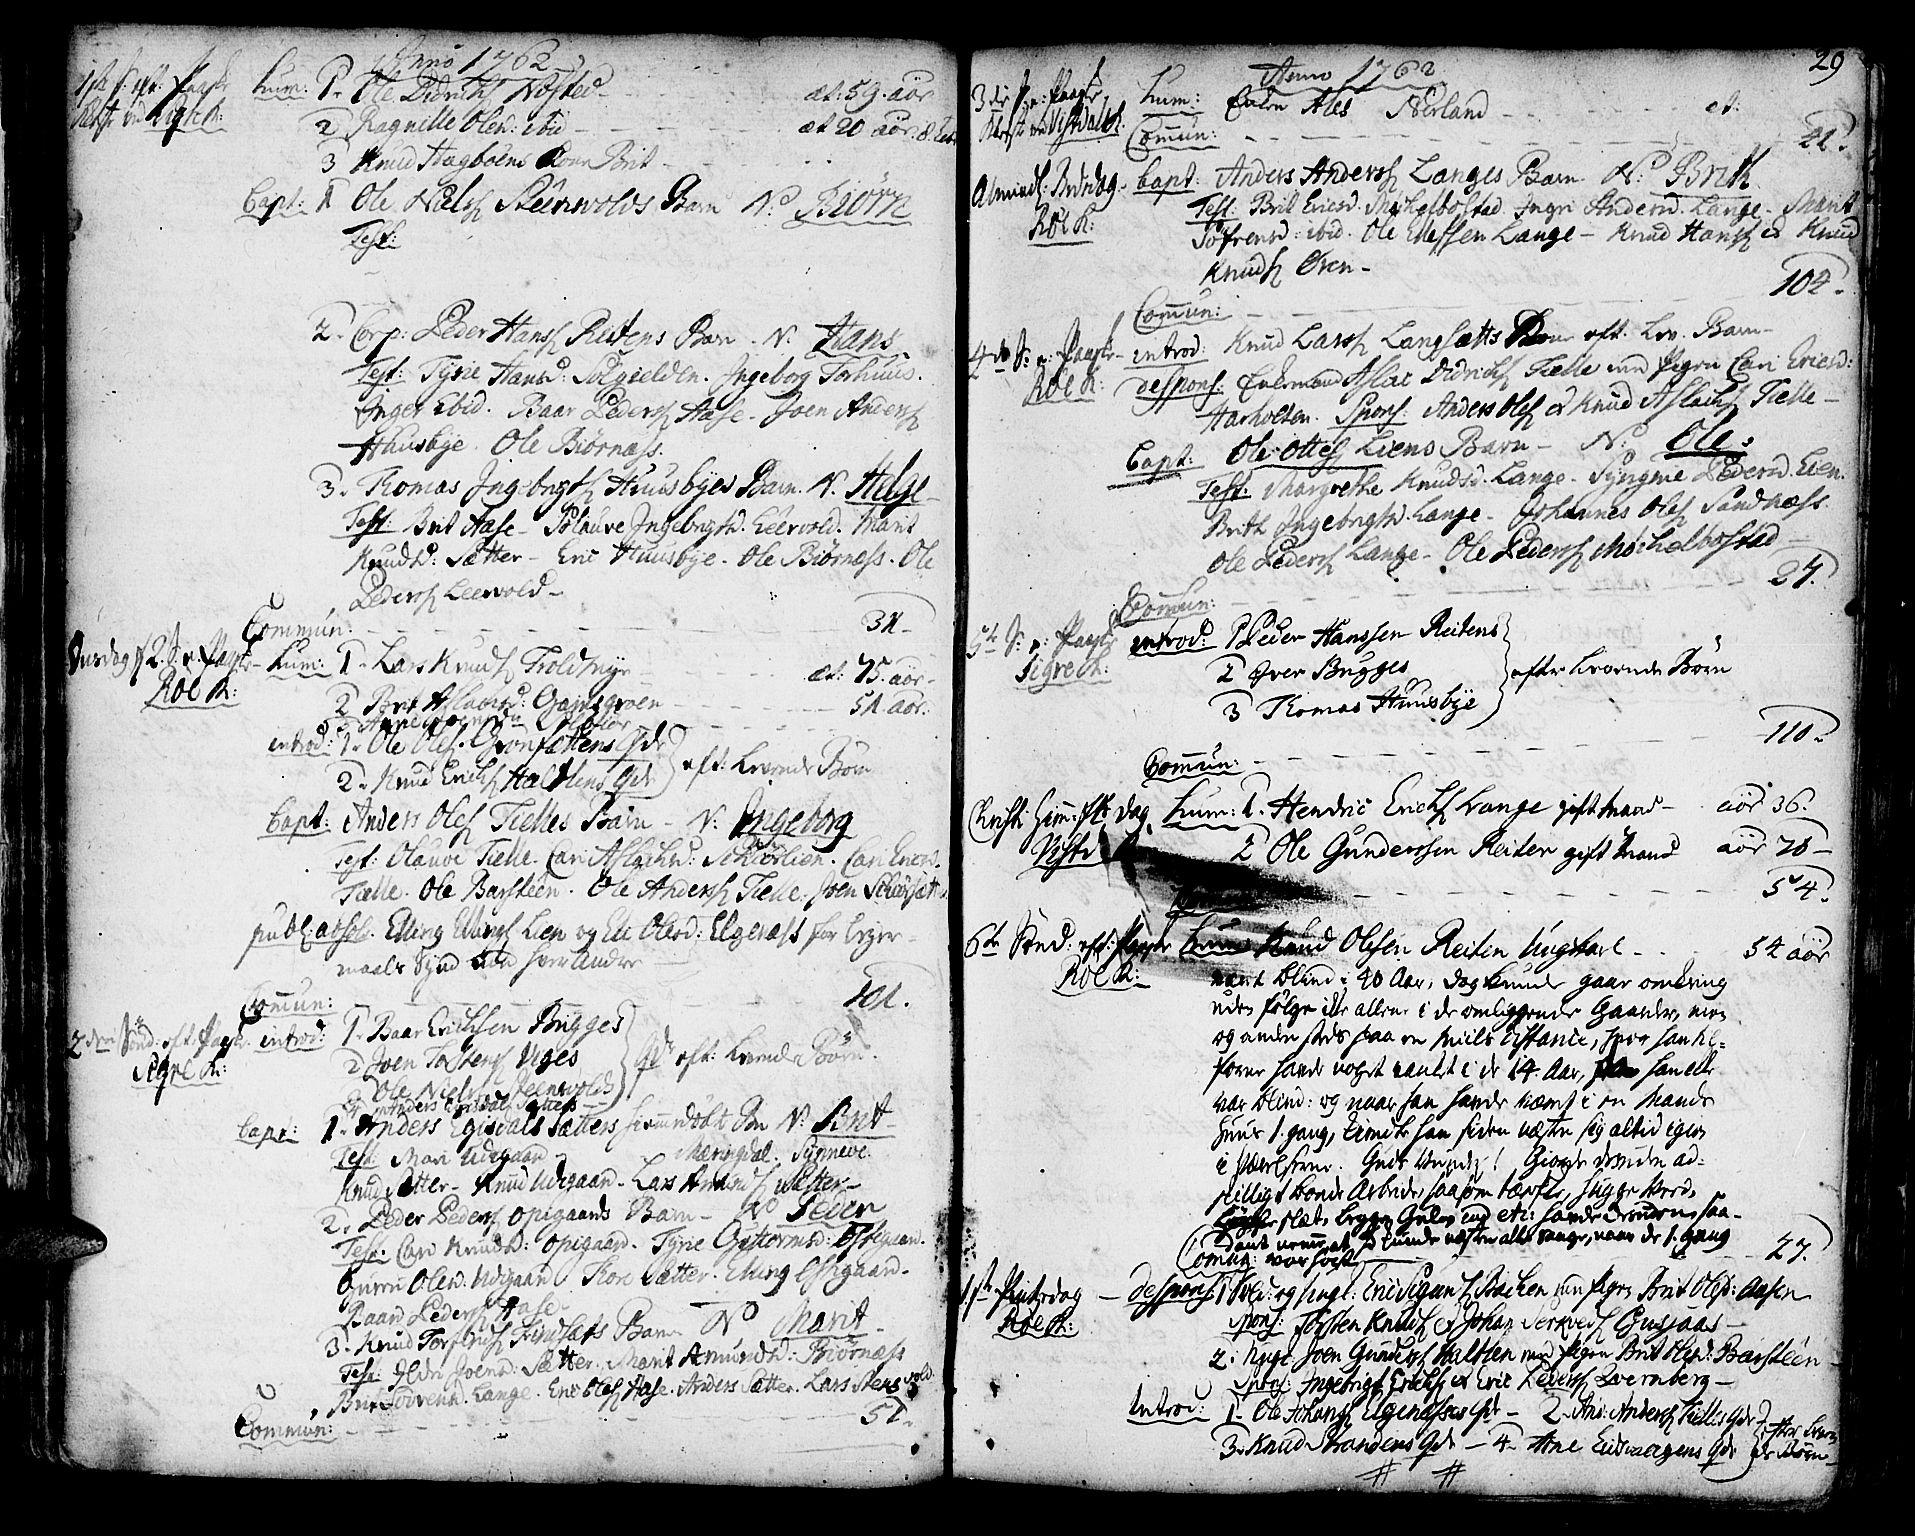 SAT, Ministerialprotokoller, klokkerbøker og fødselsregistre - Møre og Romsdal, 551/L0621: Ministerialbok nr. 551A01, 1757-1803, s. 29